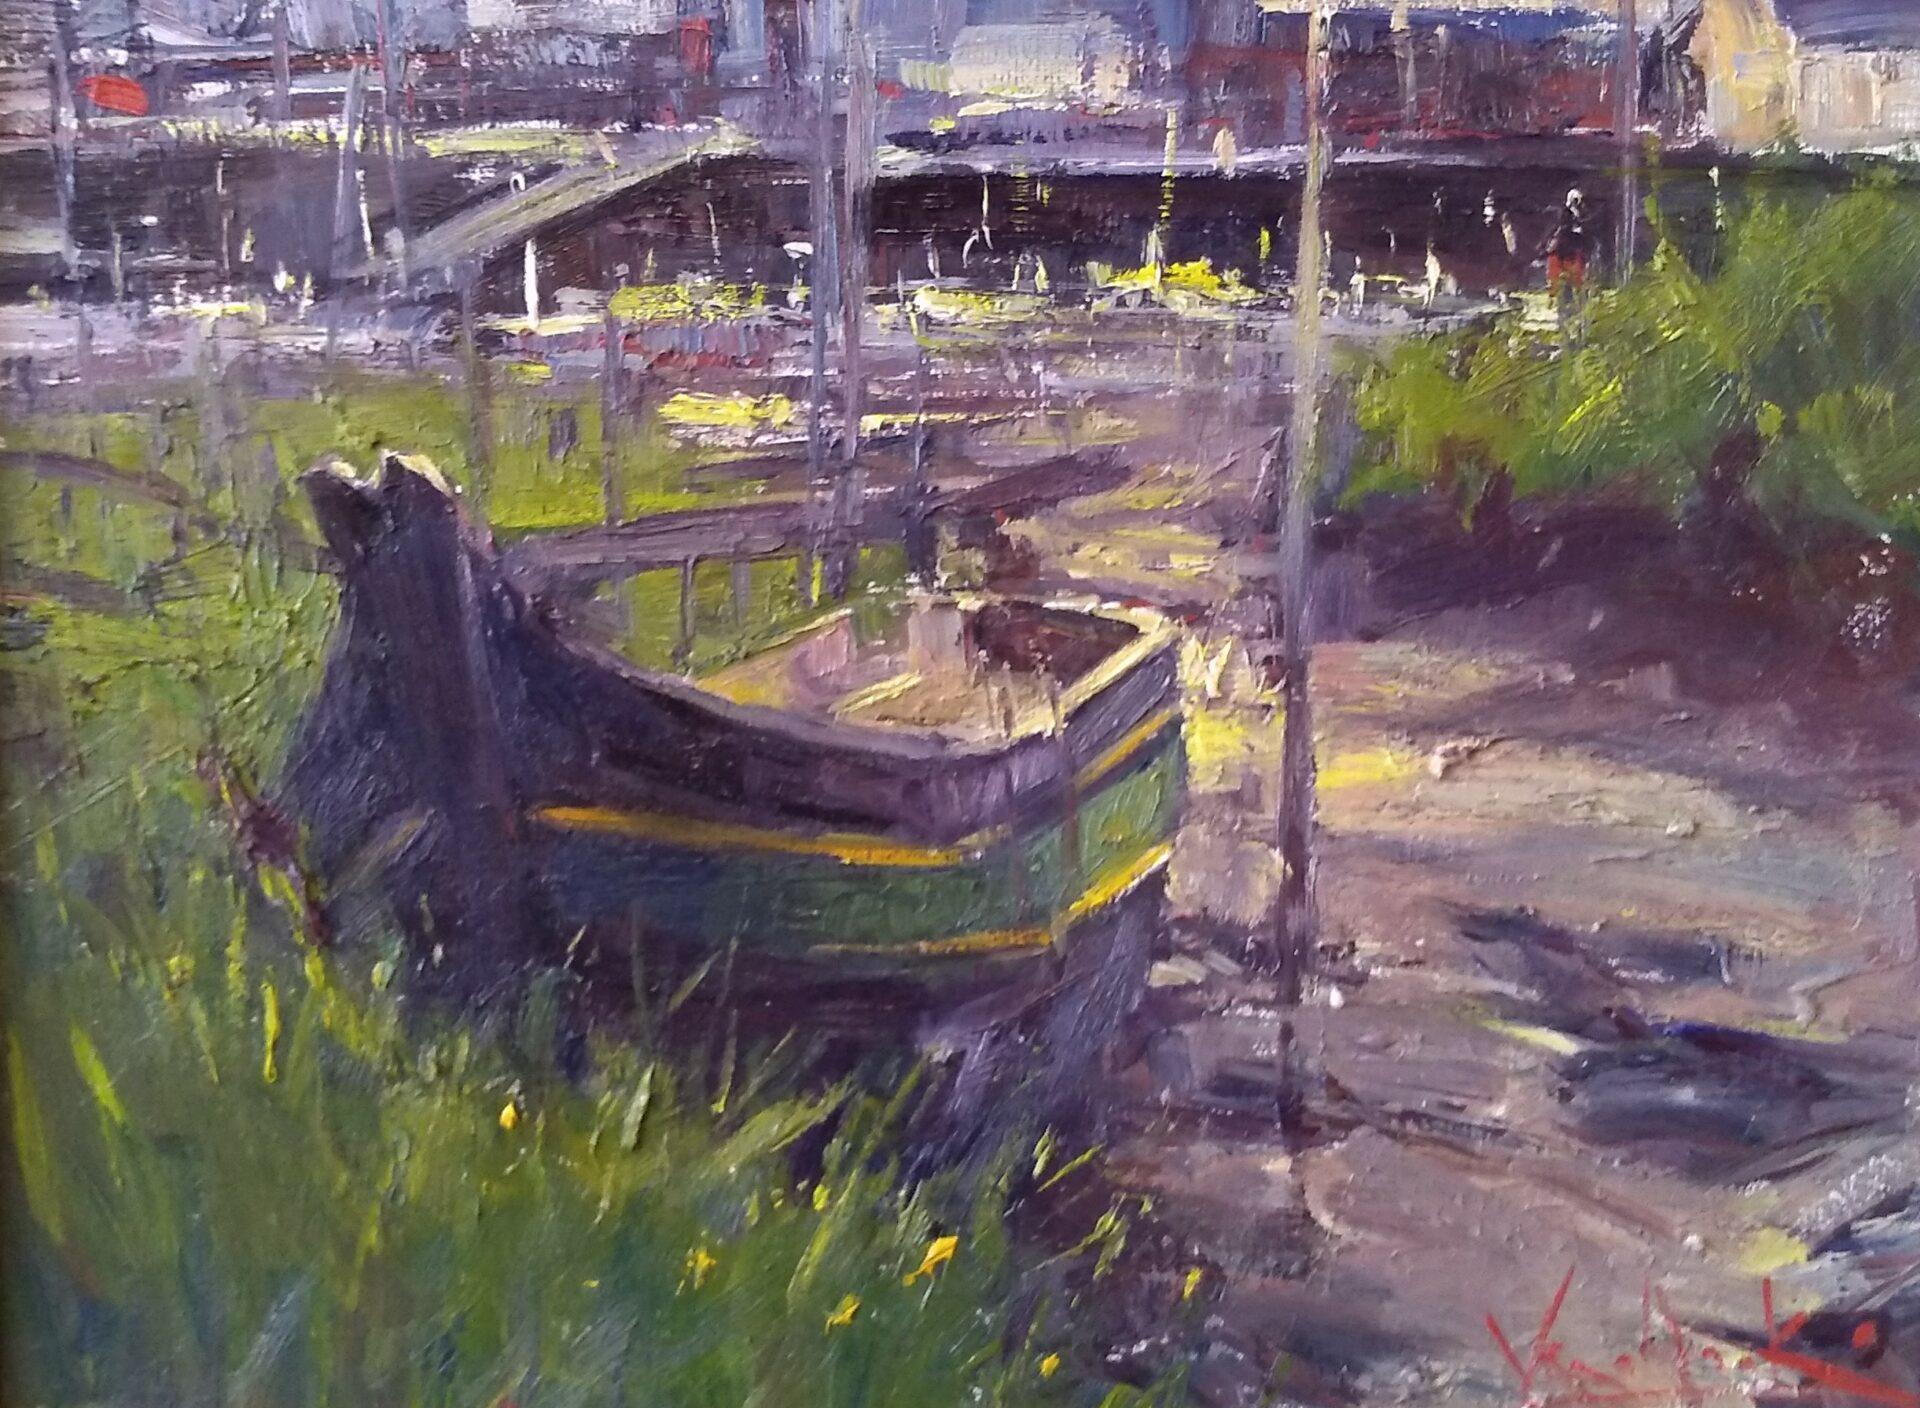 George Van Hook - This Old Boat